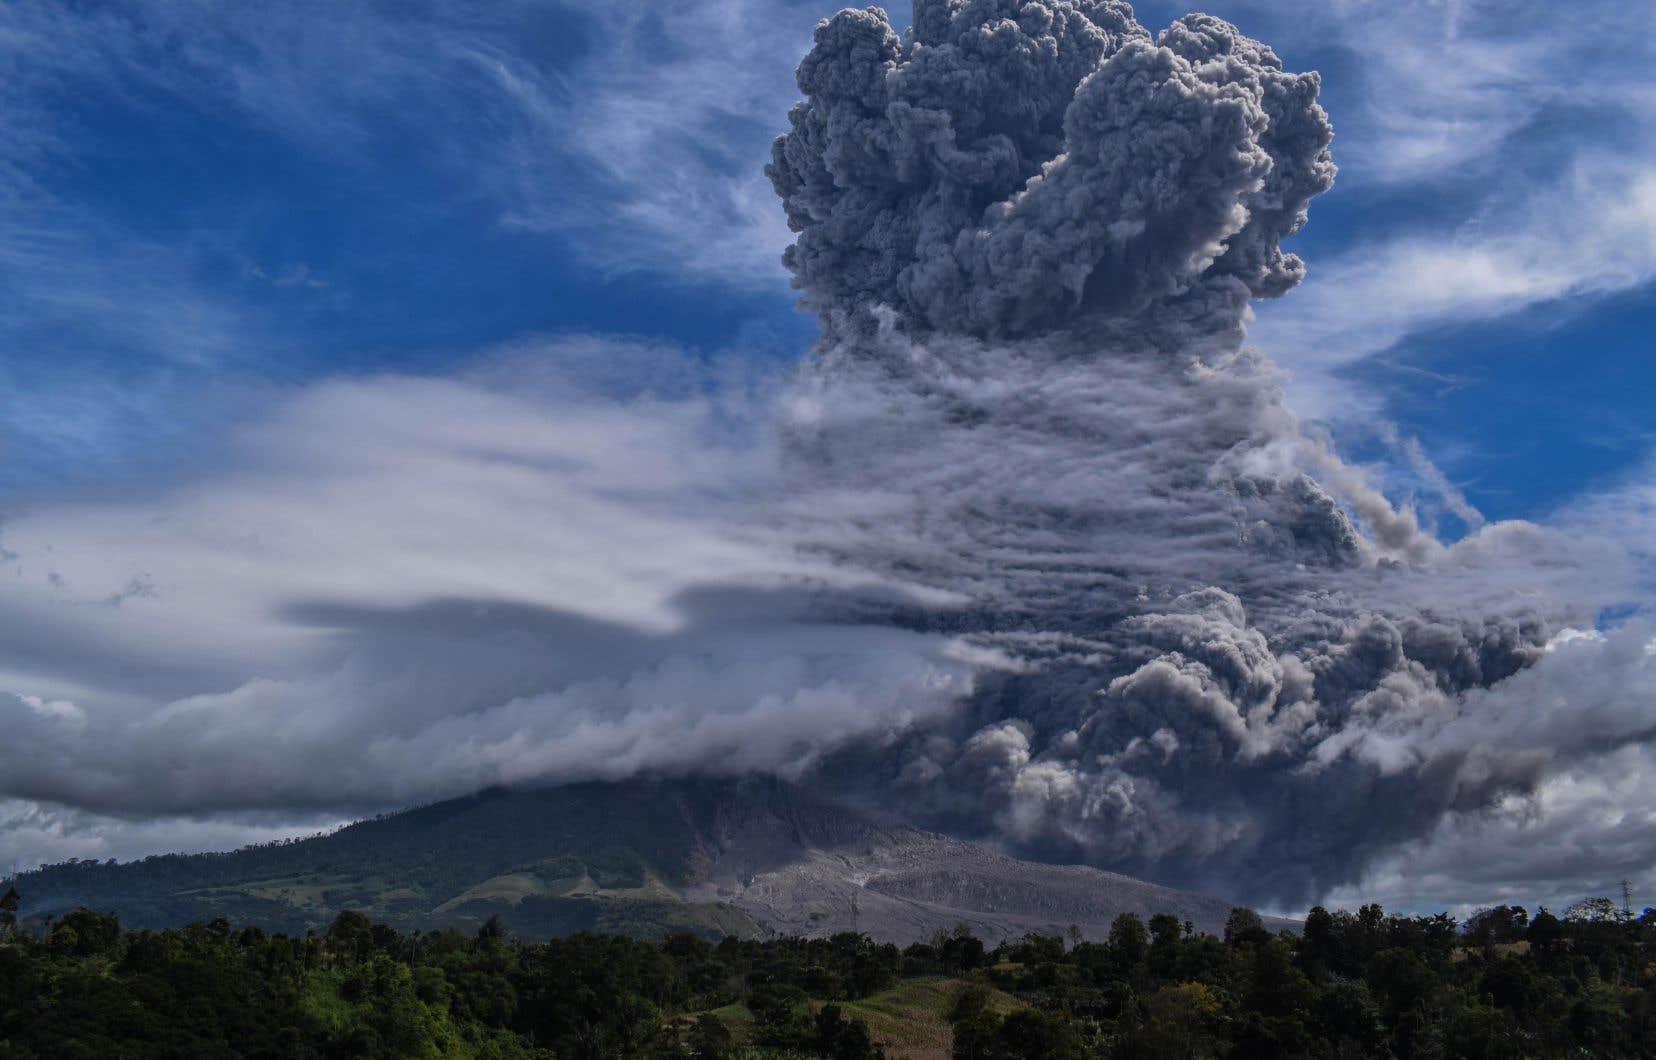 L'activité du mont Sinabungs'est intensifiée au cours des derniers jours avec notamment deux petites éruptions au cours du week-end.